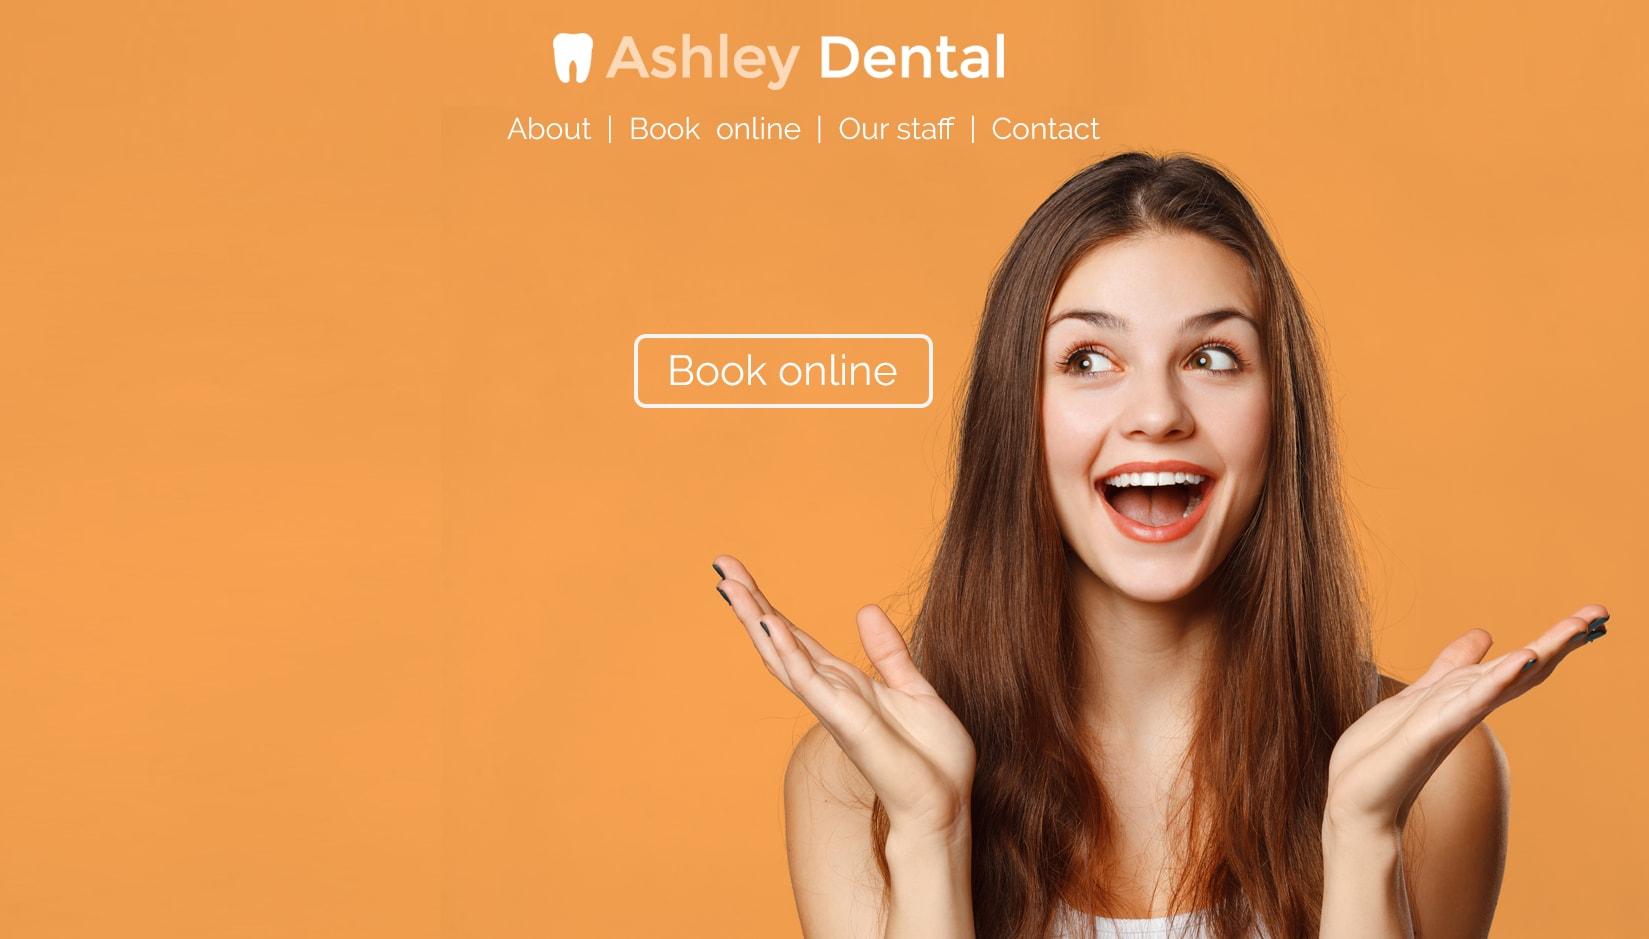 ashley_dental-min